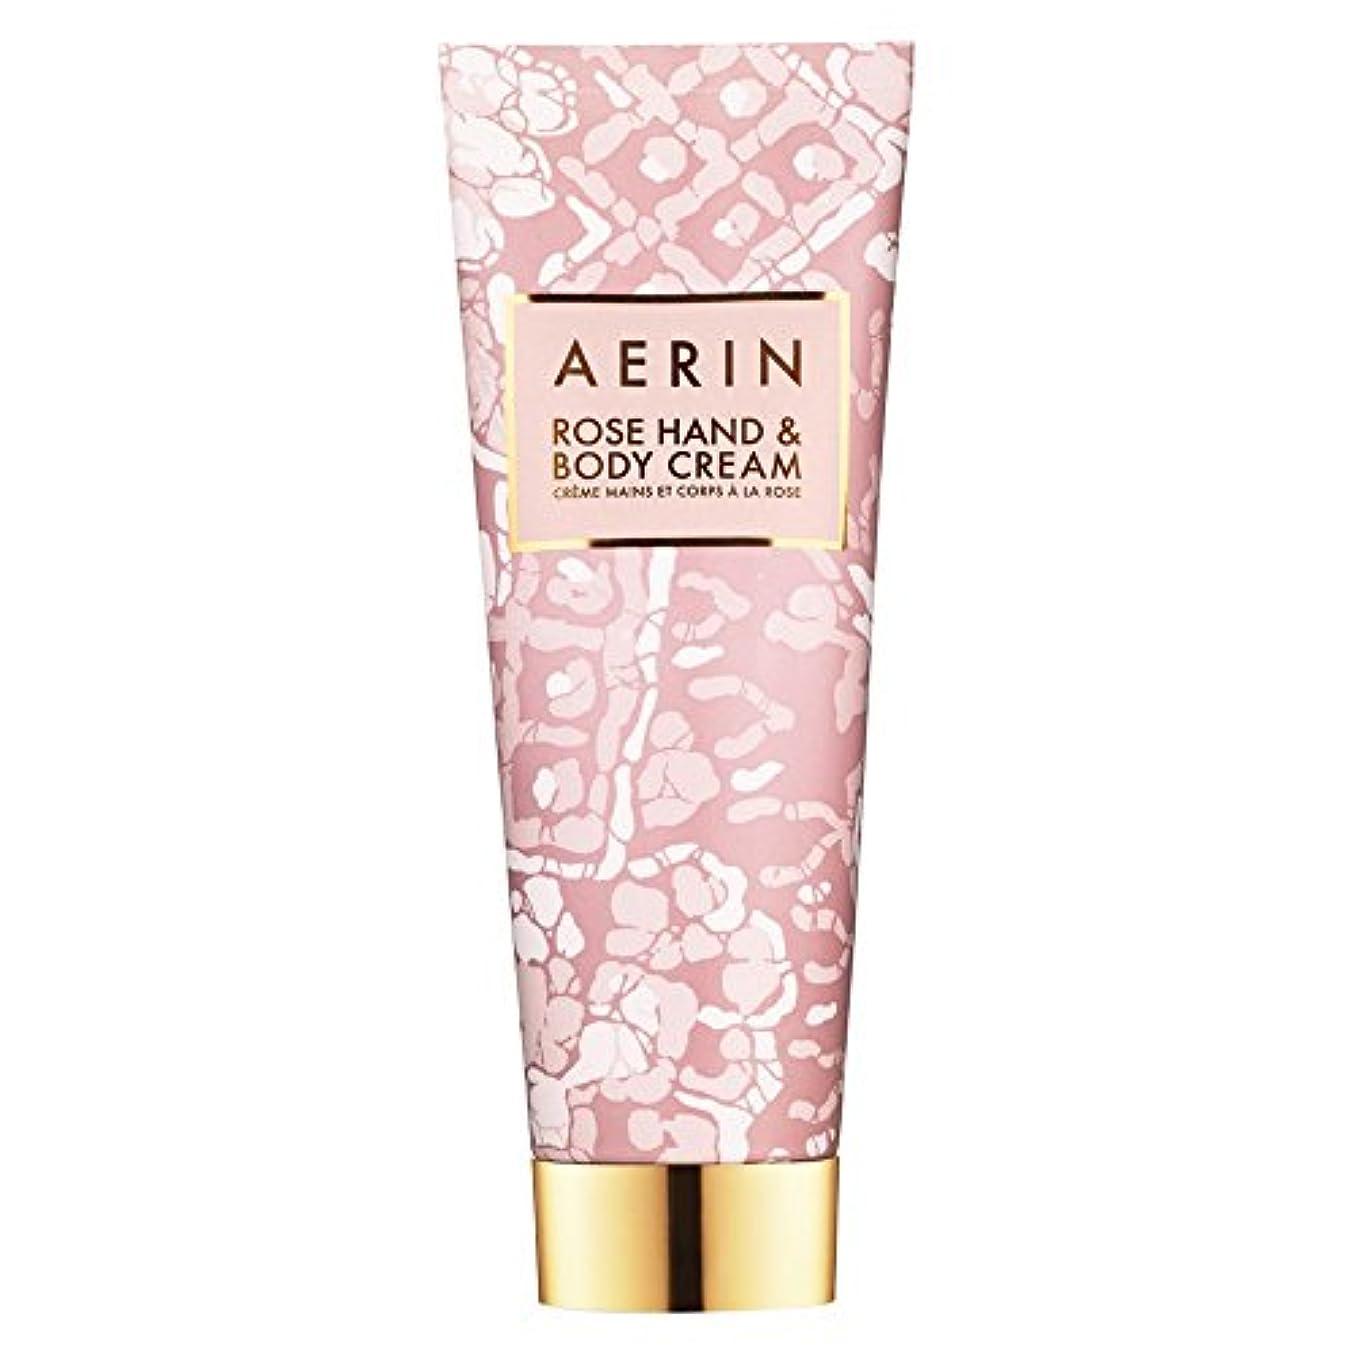 フライカイト酸っぱい幽霊Aerinはハンド&ボディクリーム125ミリリットルをバラ (AERIN) (x2) - AERIN Rose Hand & Body Cream 125ml (Pack of 2) [並行輸入品]